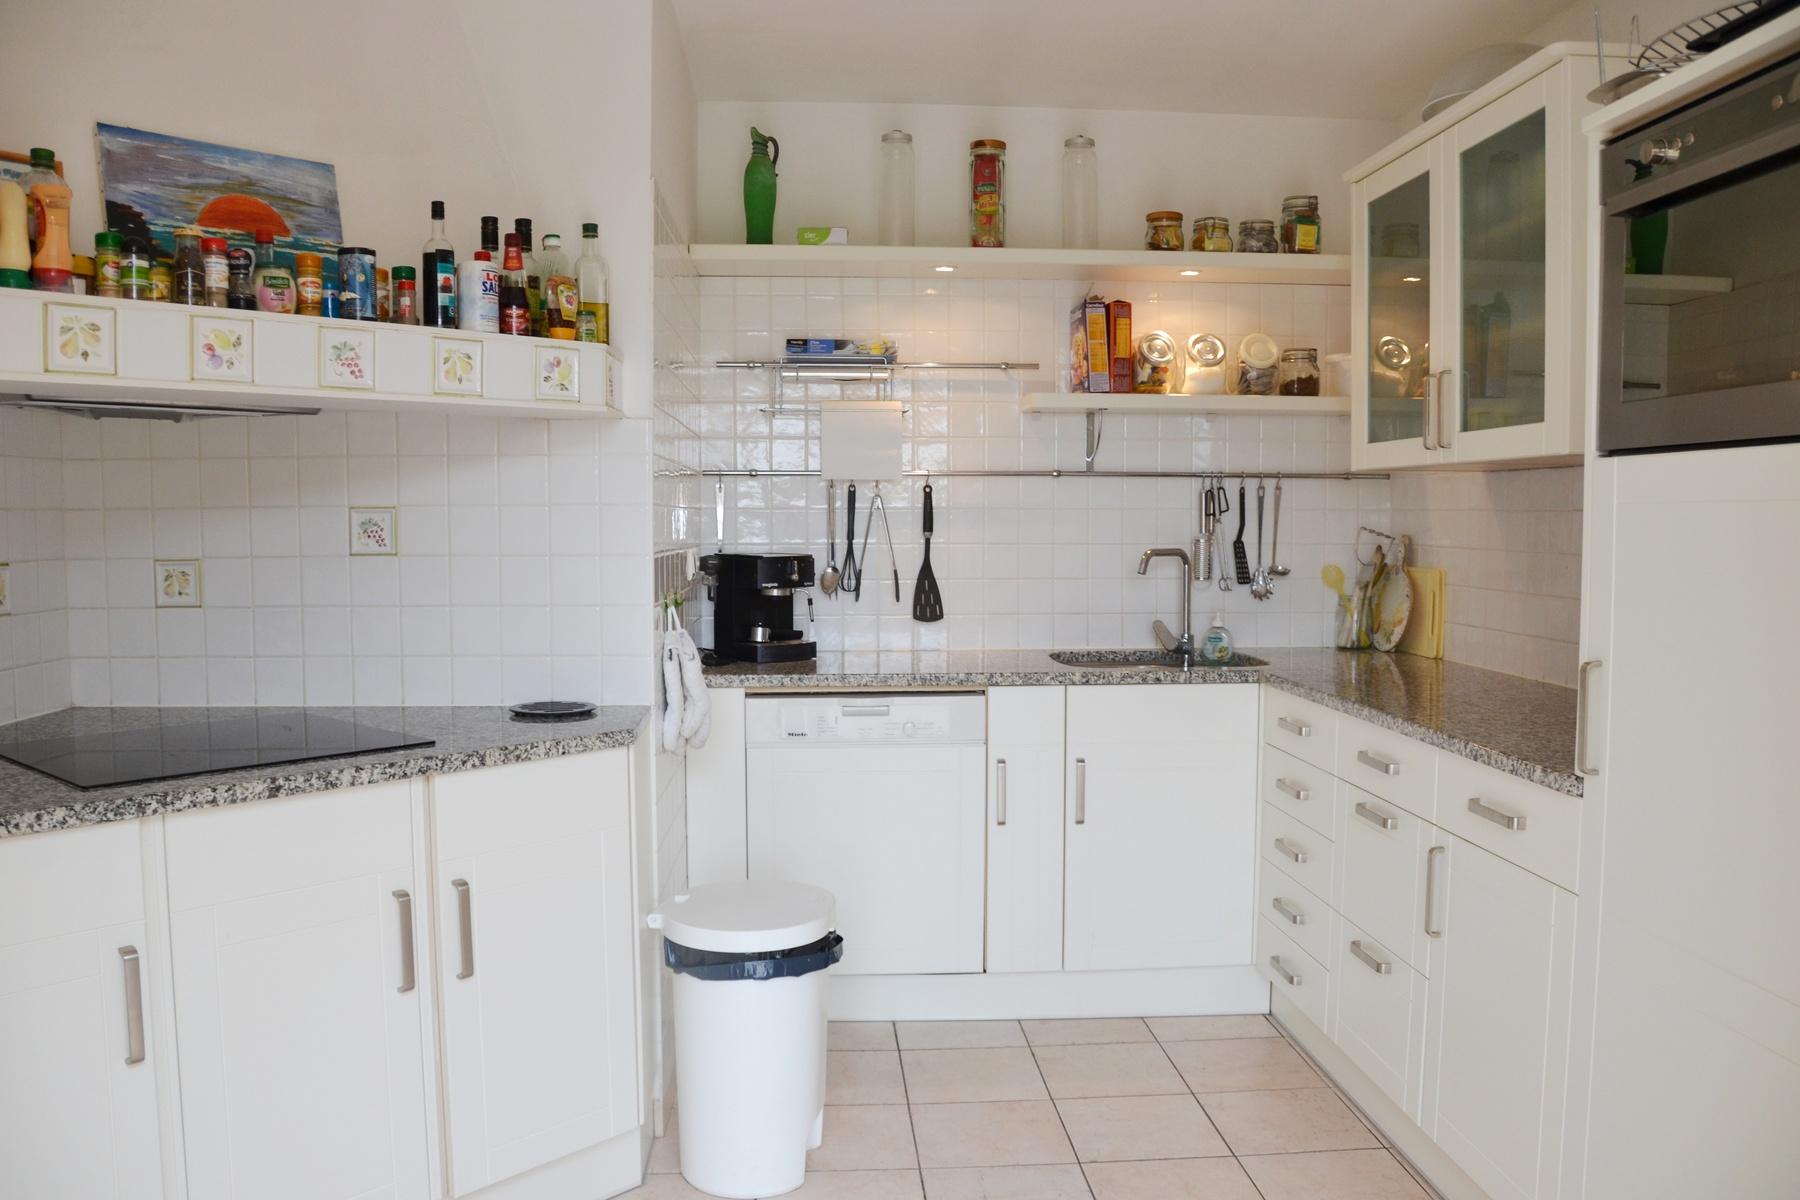 Keuken Villa Valbonne Cote D Azur - vakantiehuis huren